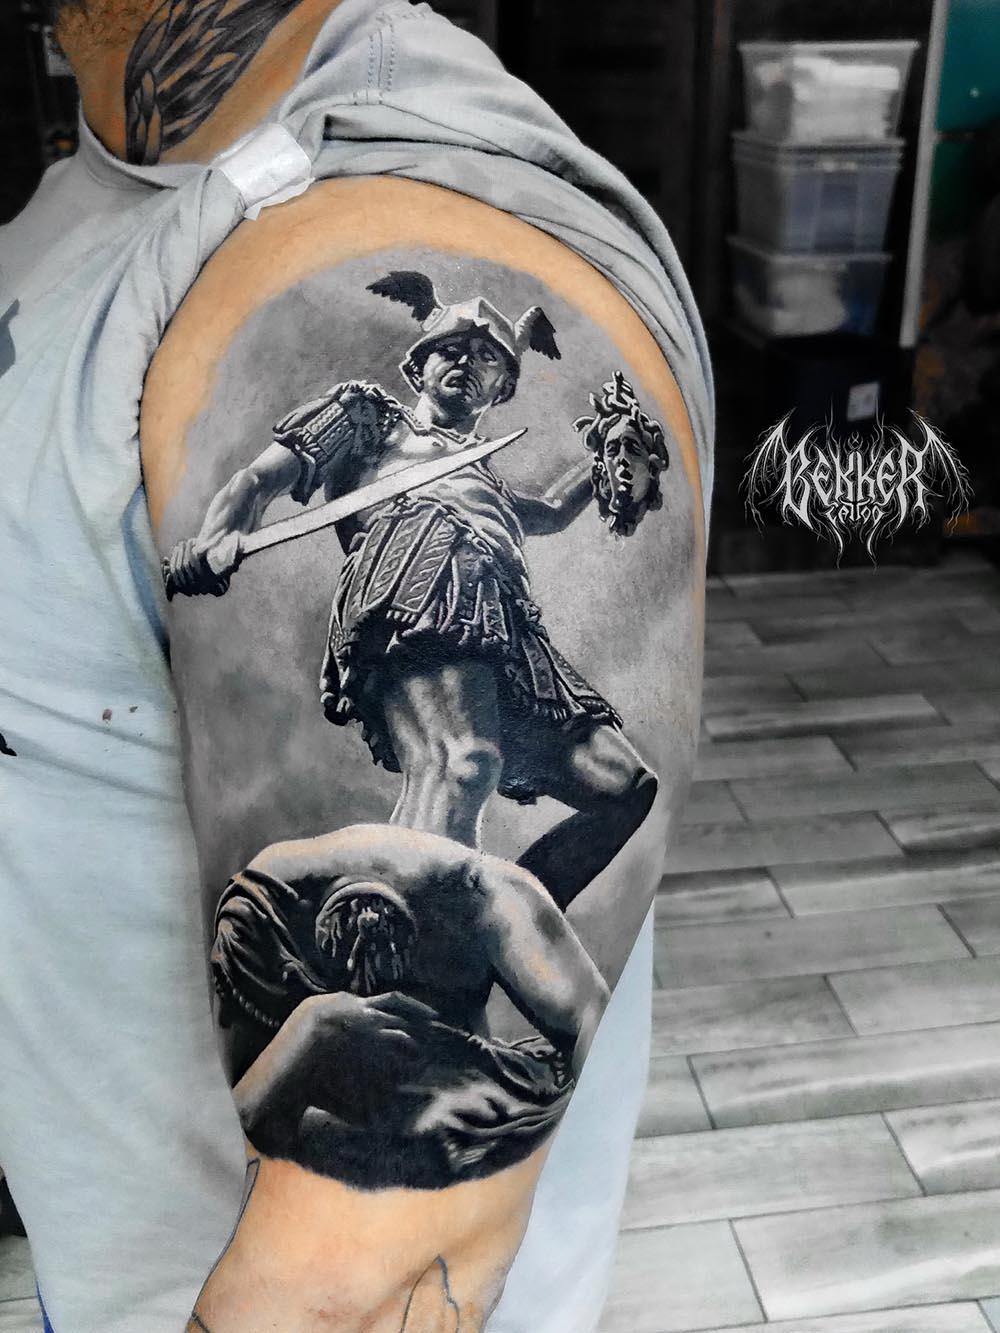 Tattoo mit einem Ritter der dem anderen den Kopf abgeschlachtet hat